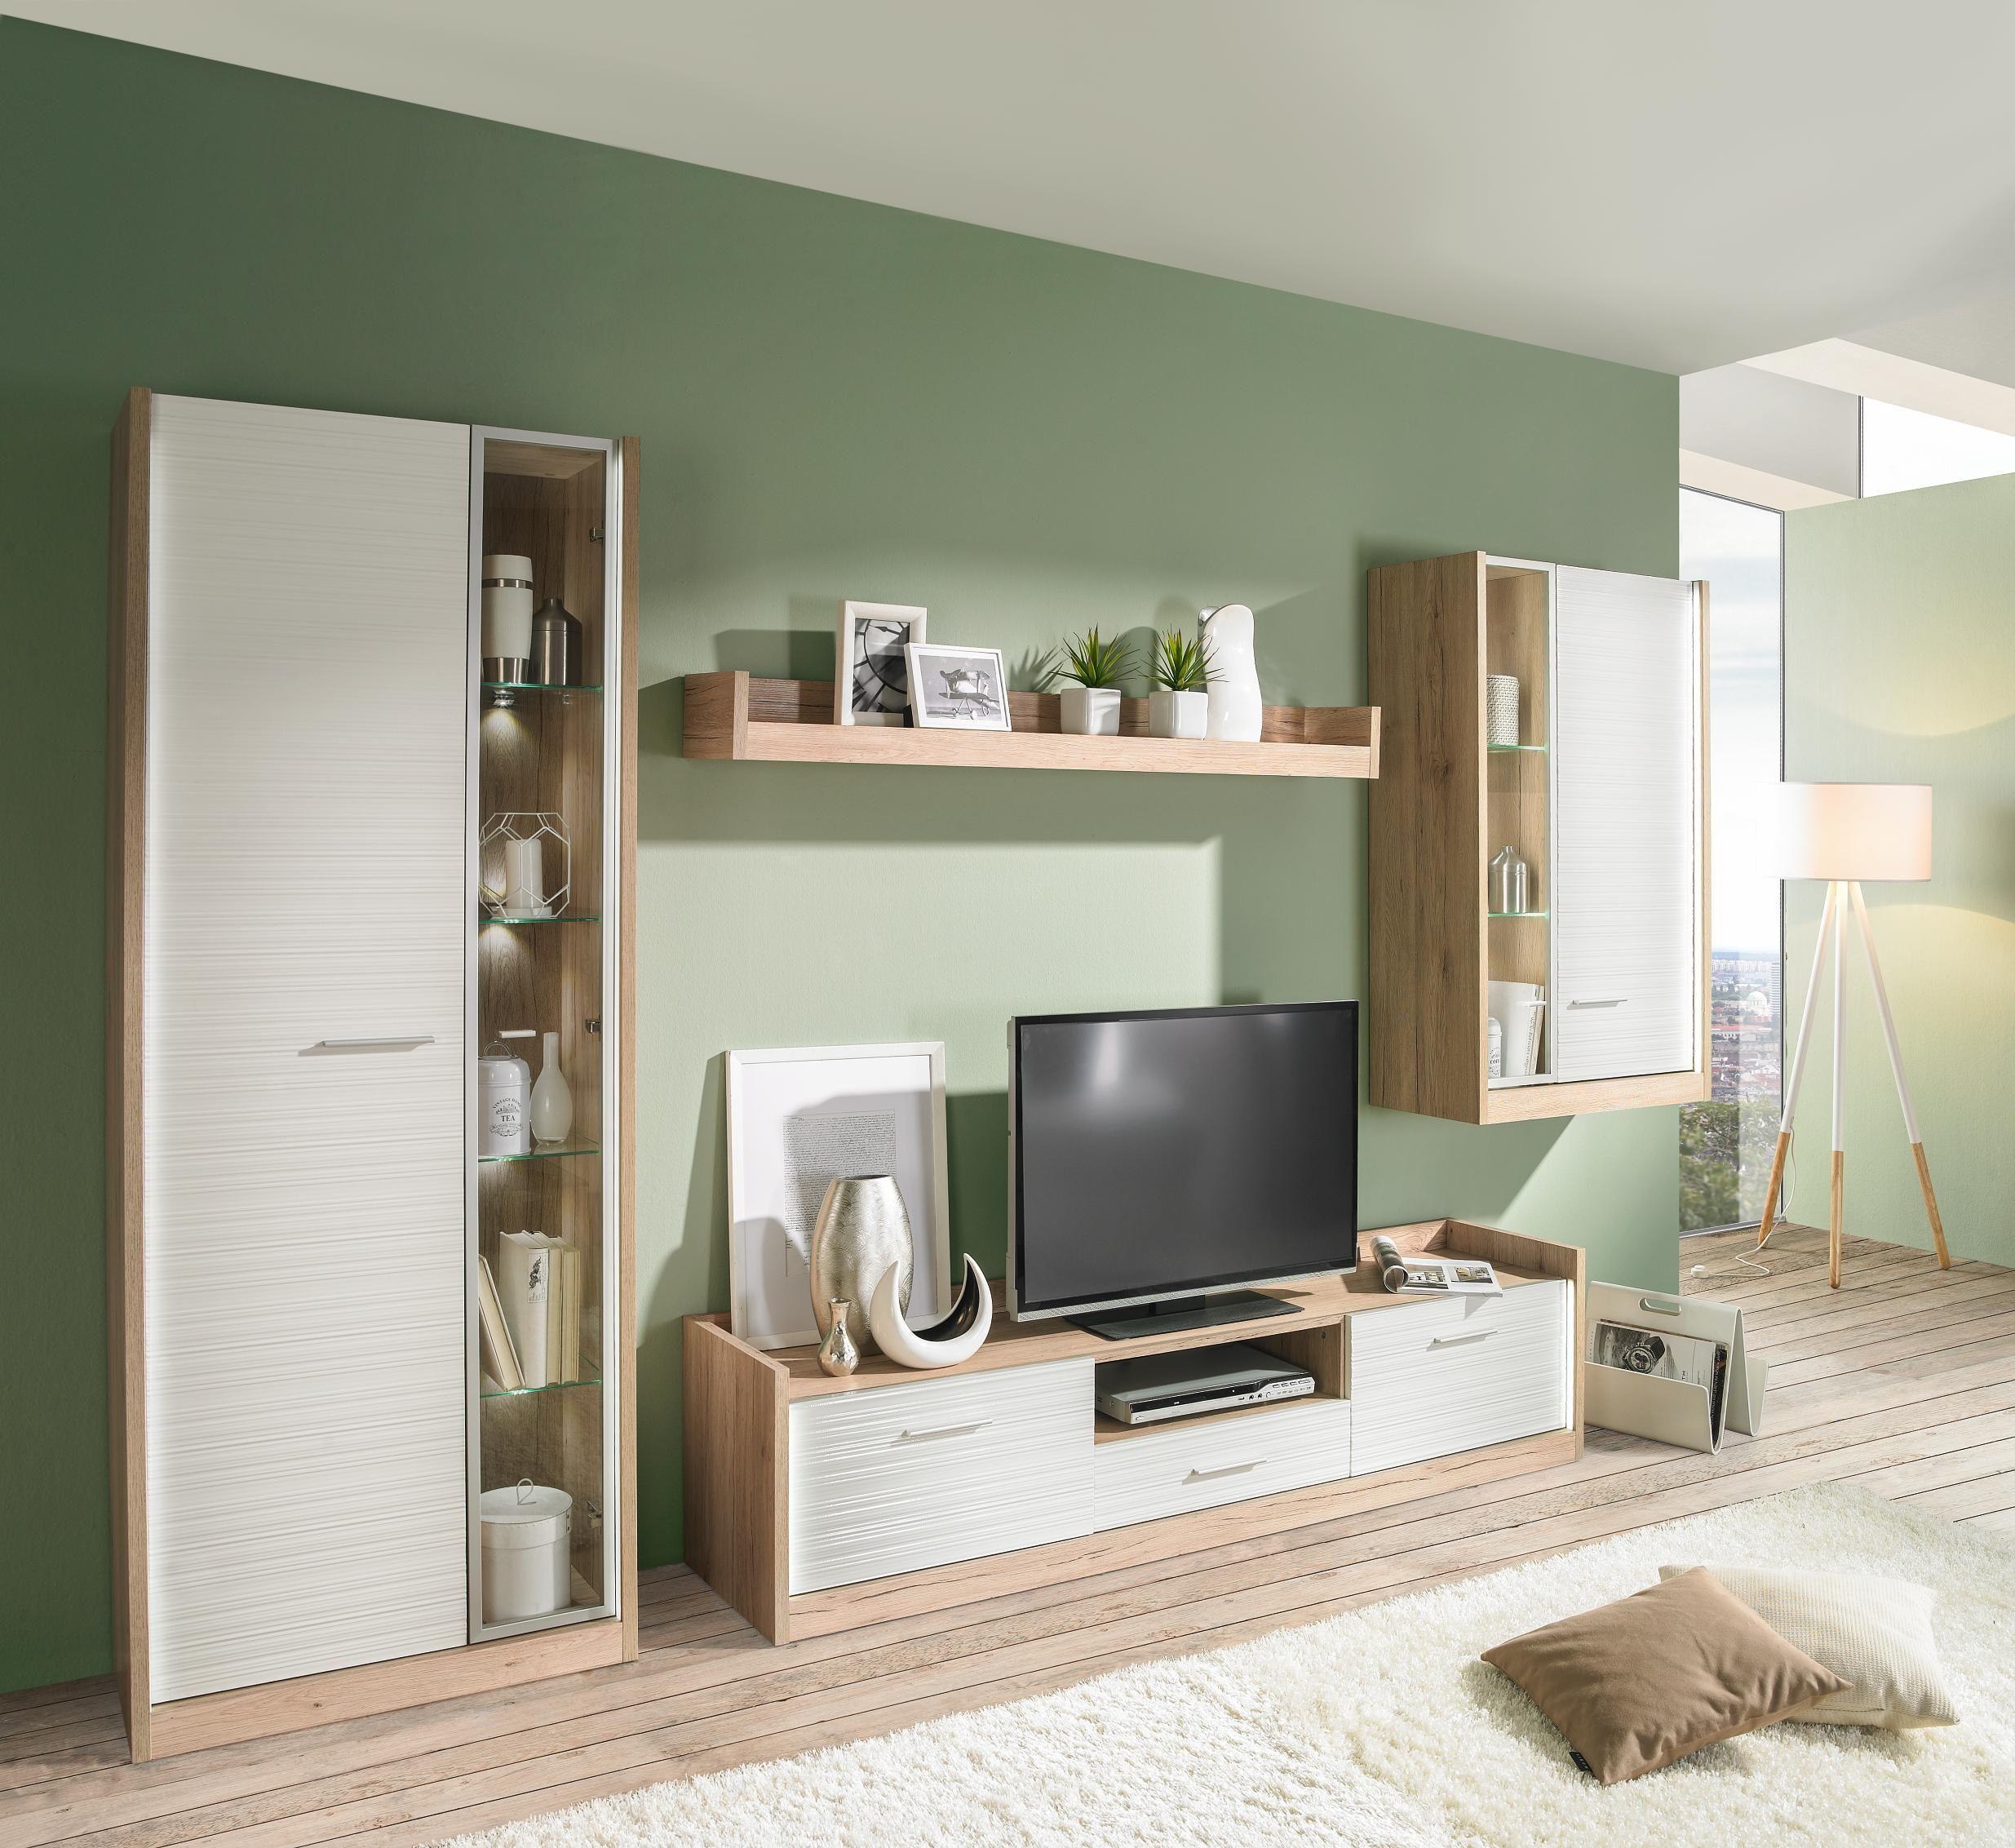 Wohnwand Mit Beleuchtung   Moderne Möbel Für Ihr Zuhause